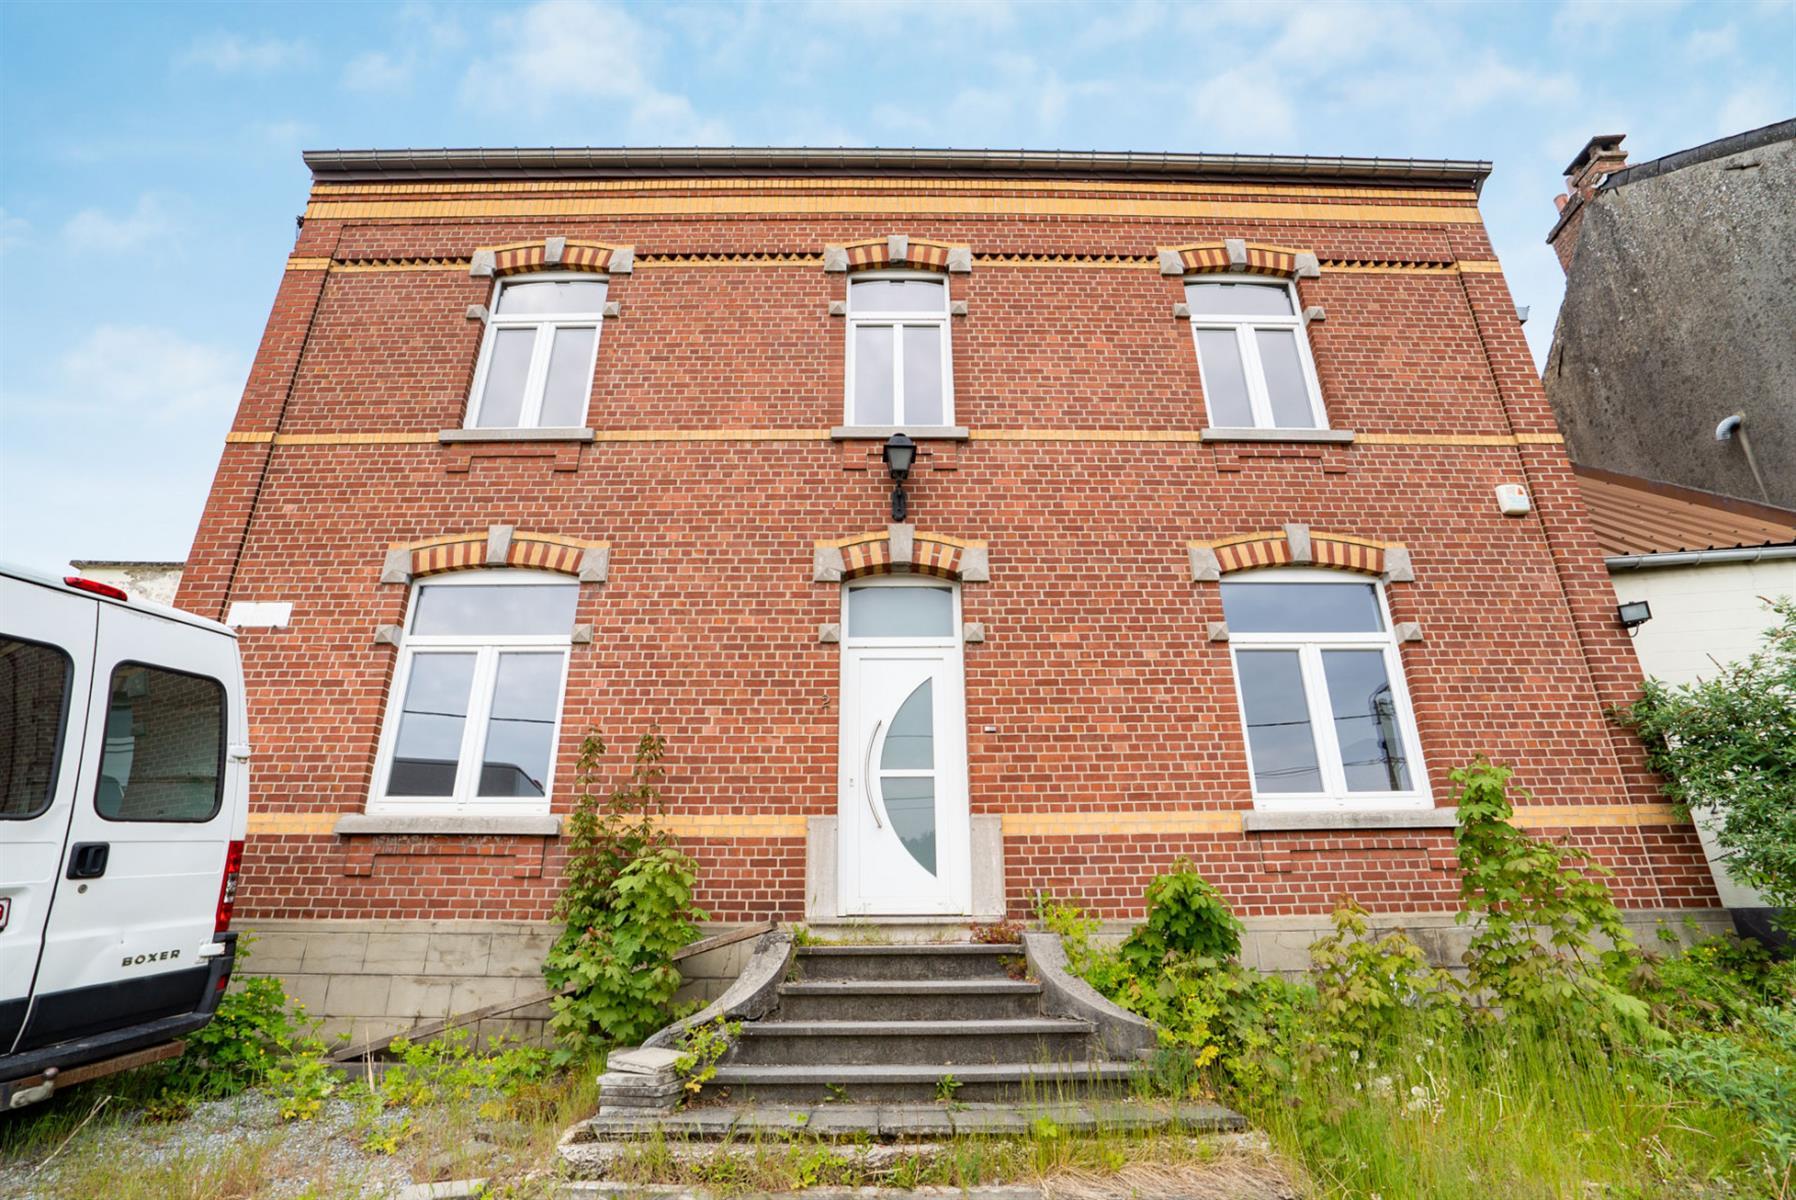 Maison - Villers-la-Ville - #3848321-0